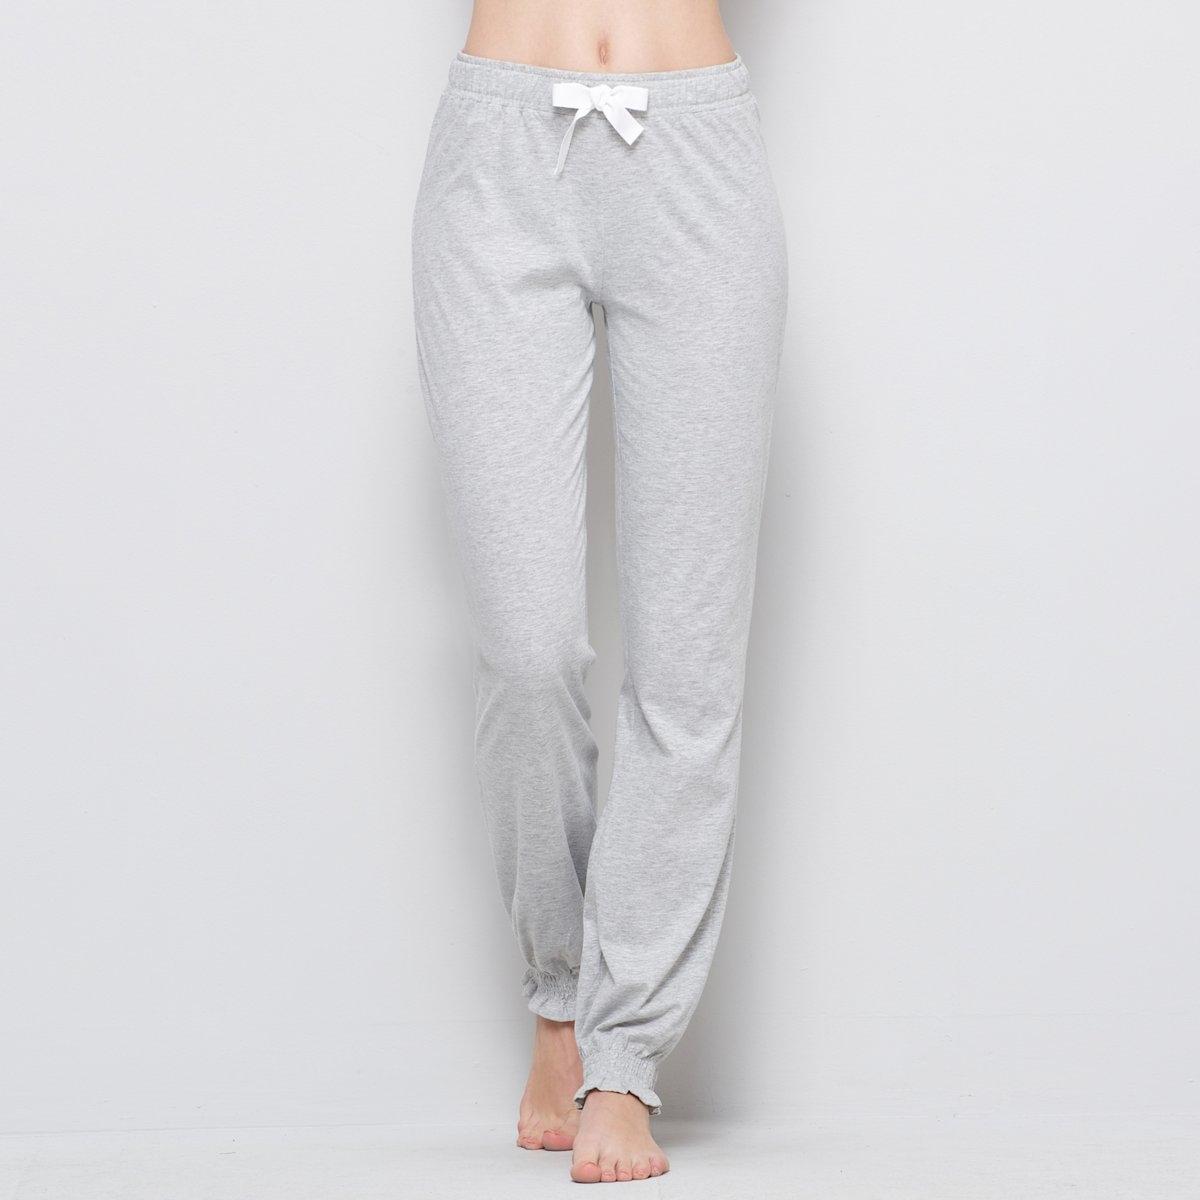 Брюки LA REDOUTE CREATIONБрюки пижамные из джерси 100% хлопок . Создайте индивидуальную пижаму в сочетании с футболкой с длинными или короткими рукавами !  Джерси, 100% хлопка. Эластичный пояс на кулиске. Эластичный низ брючин. Длина по внутр.шву ок.78 см . ! . . .<br><br>Цвет: светло-серый меланж,черный<br>Размер: 34/36 (FR) - 40/42 (RUS).50/52 (FR) - 56/58 (RUS).46/48 (FR) - 52/54 (RUS).46/48 (FR) - 52/54 (RUS).42/44 (FR) - 48/50 (RUS).38/40 (FR) - 44/46 (RUS).38/40 (FR) - 44/46 (RUS).34/36 (FR) - 40/42 (RUS)